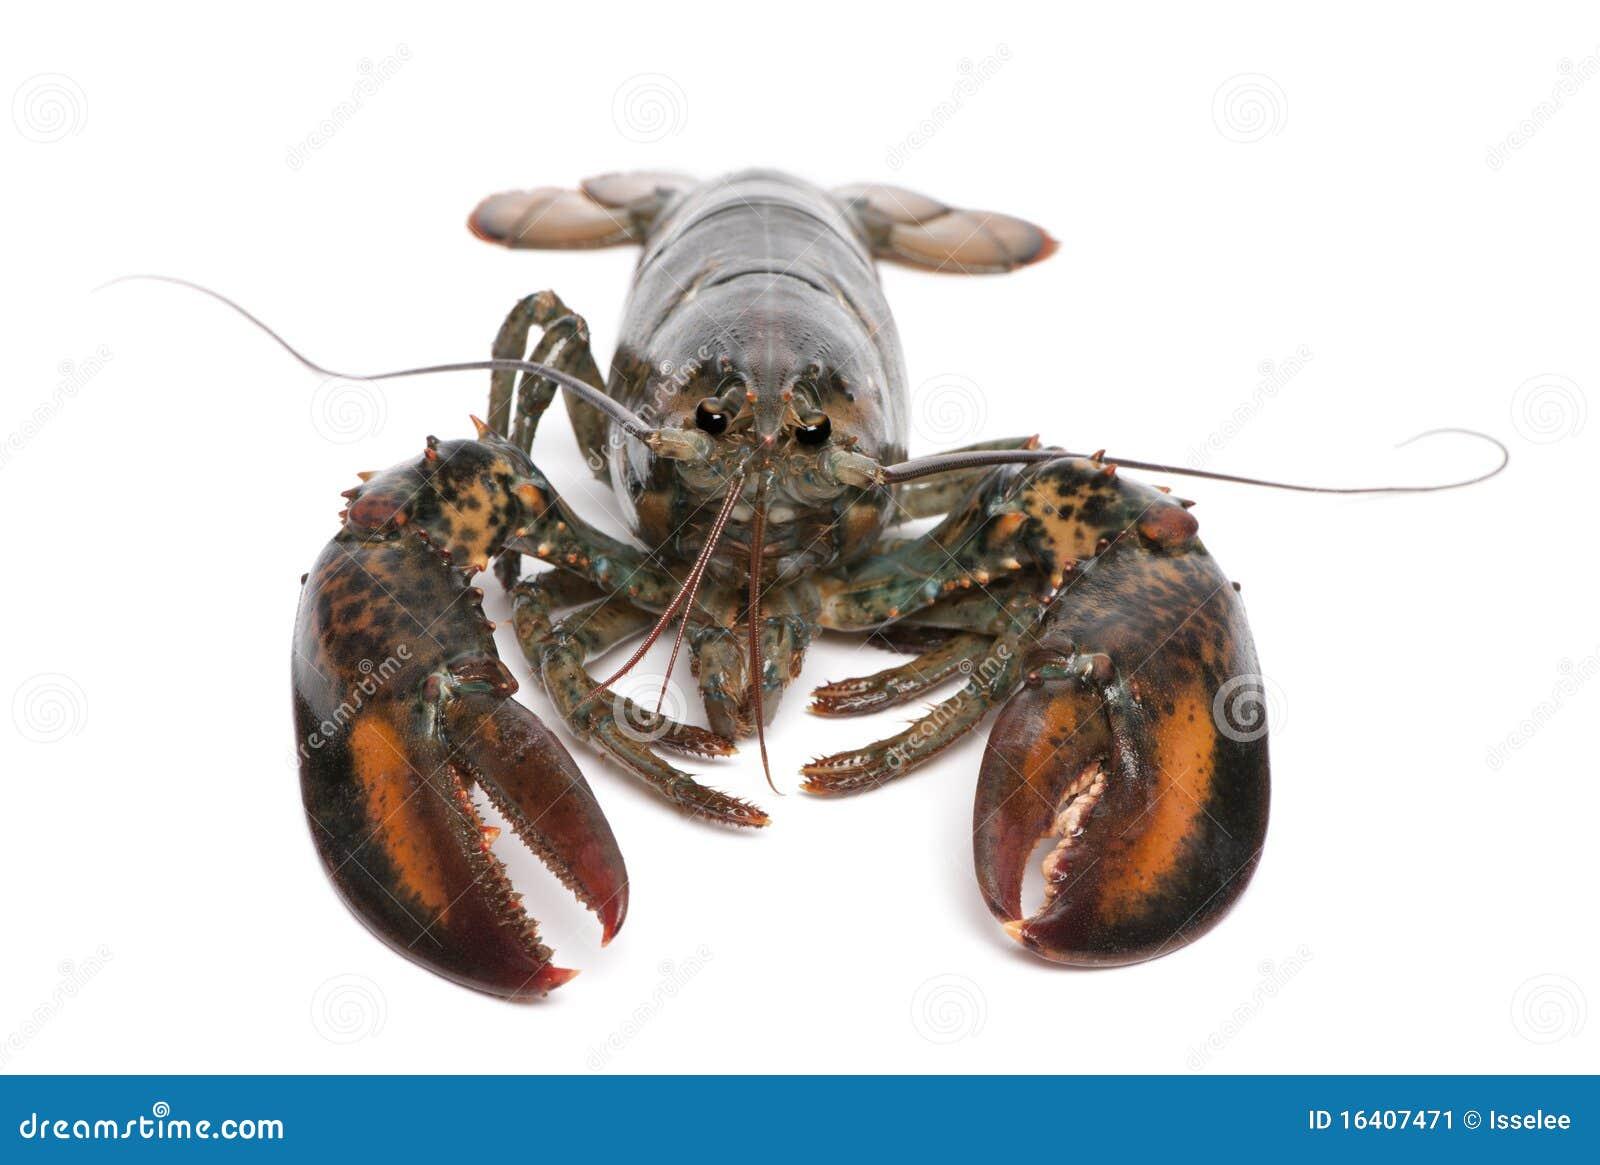 American Lobster, Homarus Americanus Stock Image - Image: 16407471